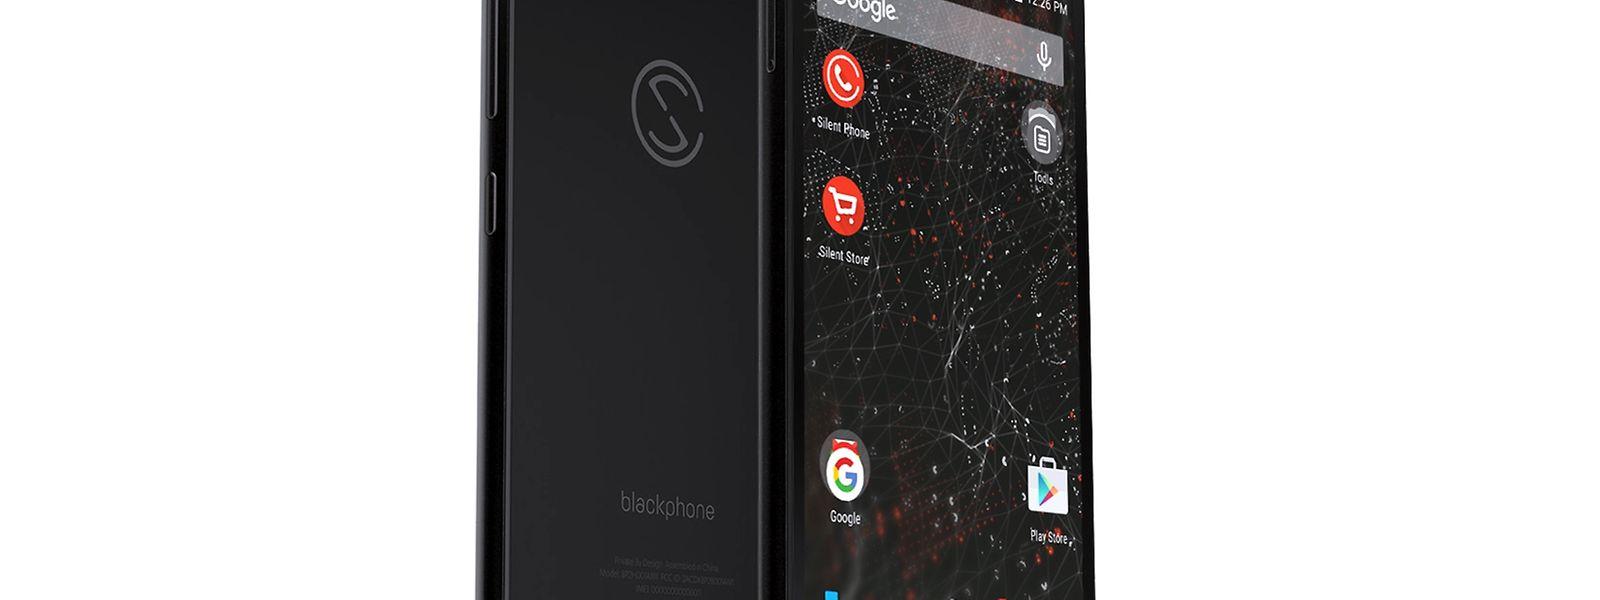 Das Krypto-Smartphone Blackphone 2 mit angepasstem Android-Betriebssystem kommt für rund 720 Euro in den Handel.